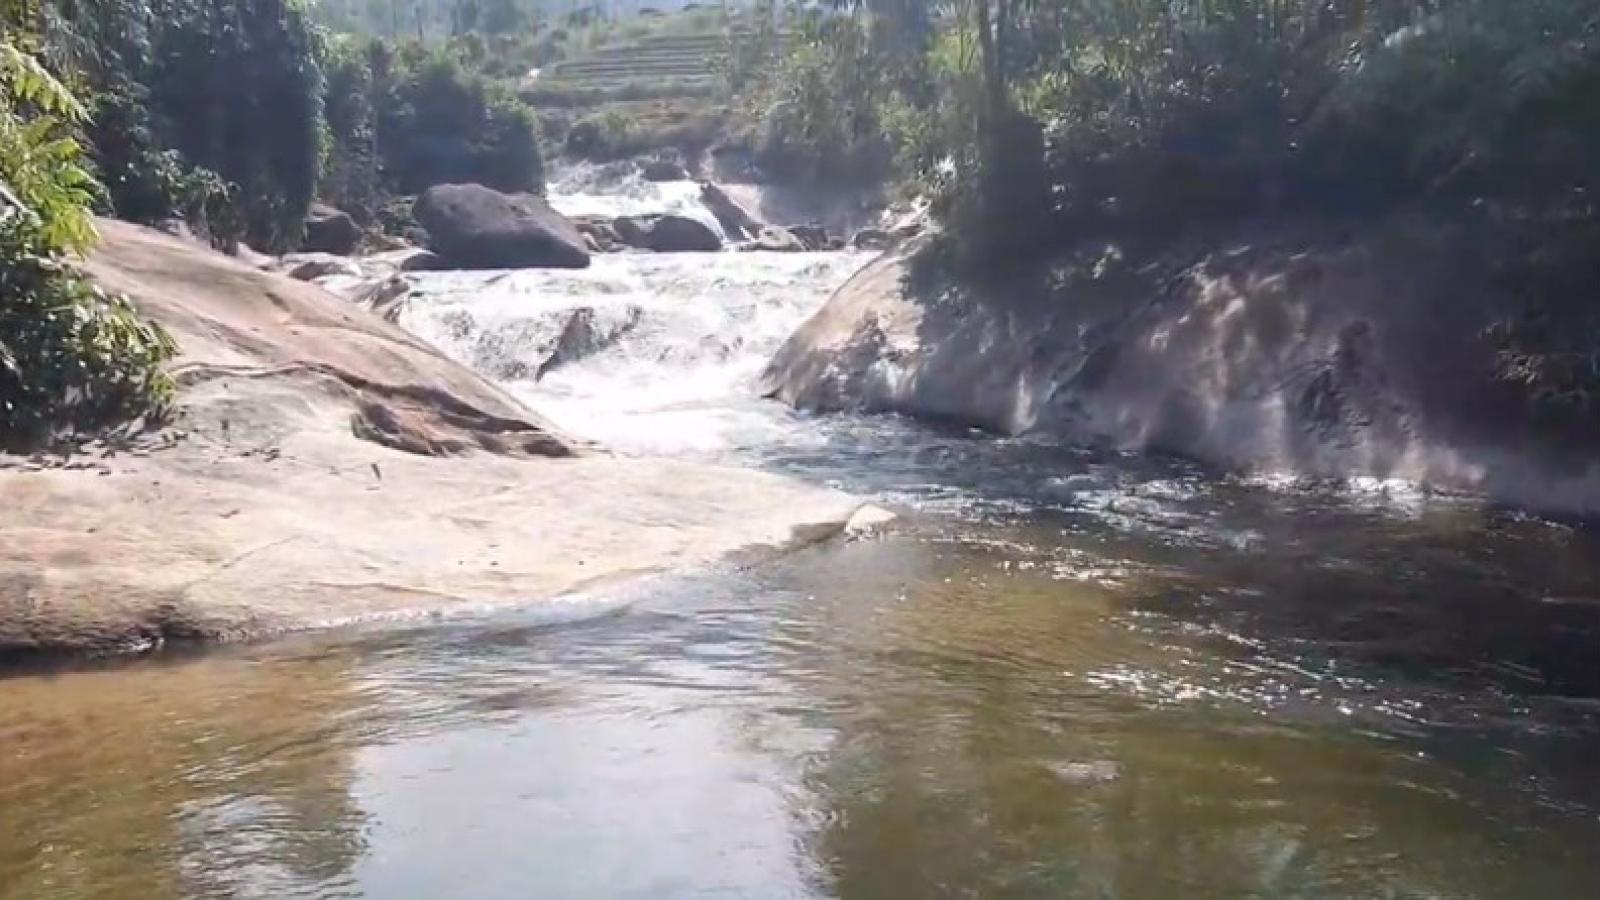 Cứu sống kịp thời 2 phụ nữ đuối nước khi tắm biển Cửa Lò